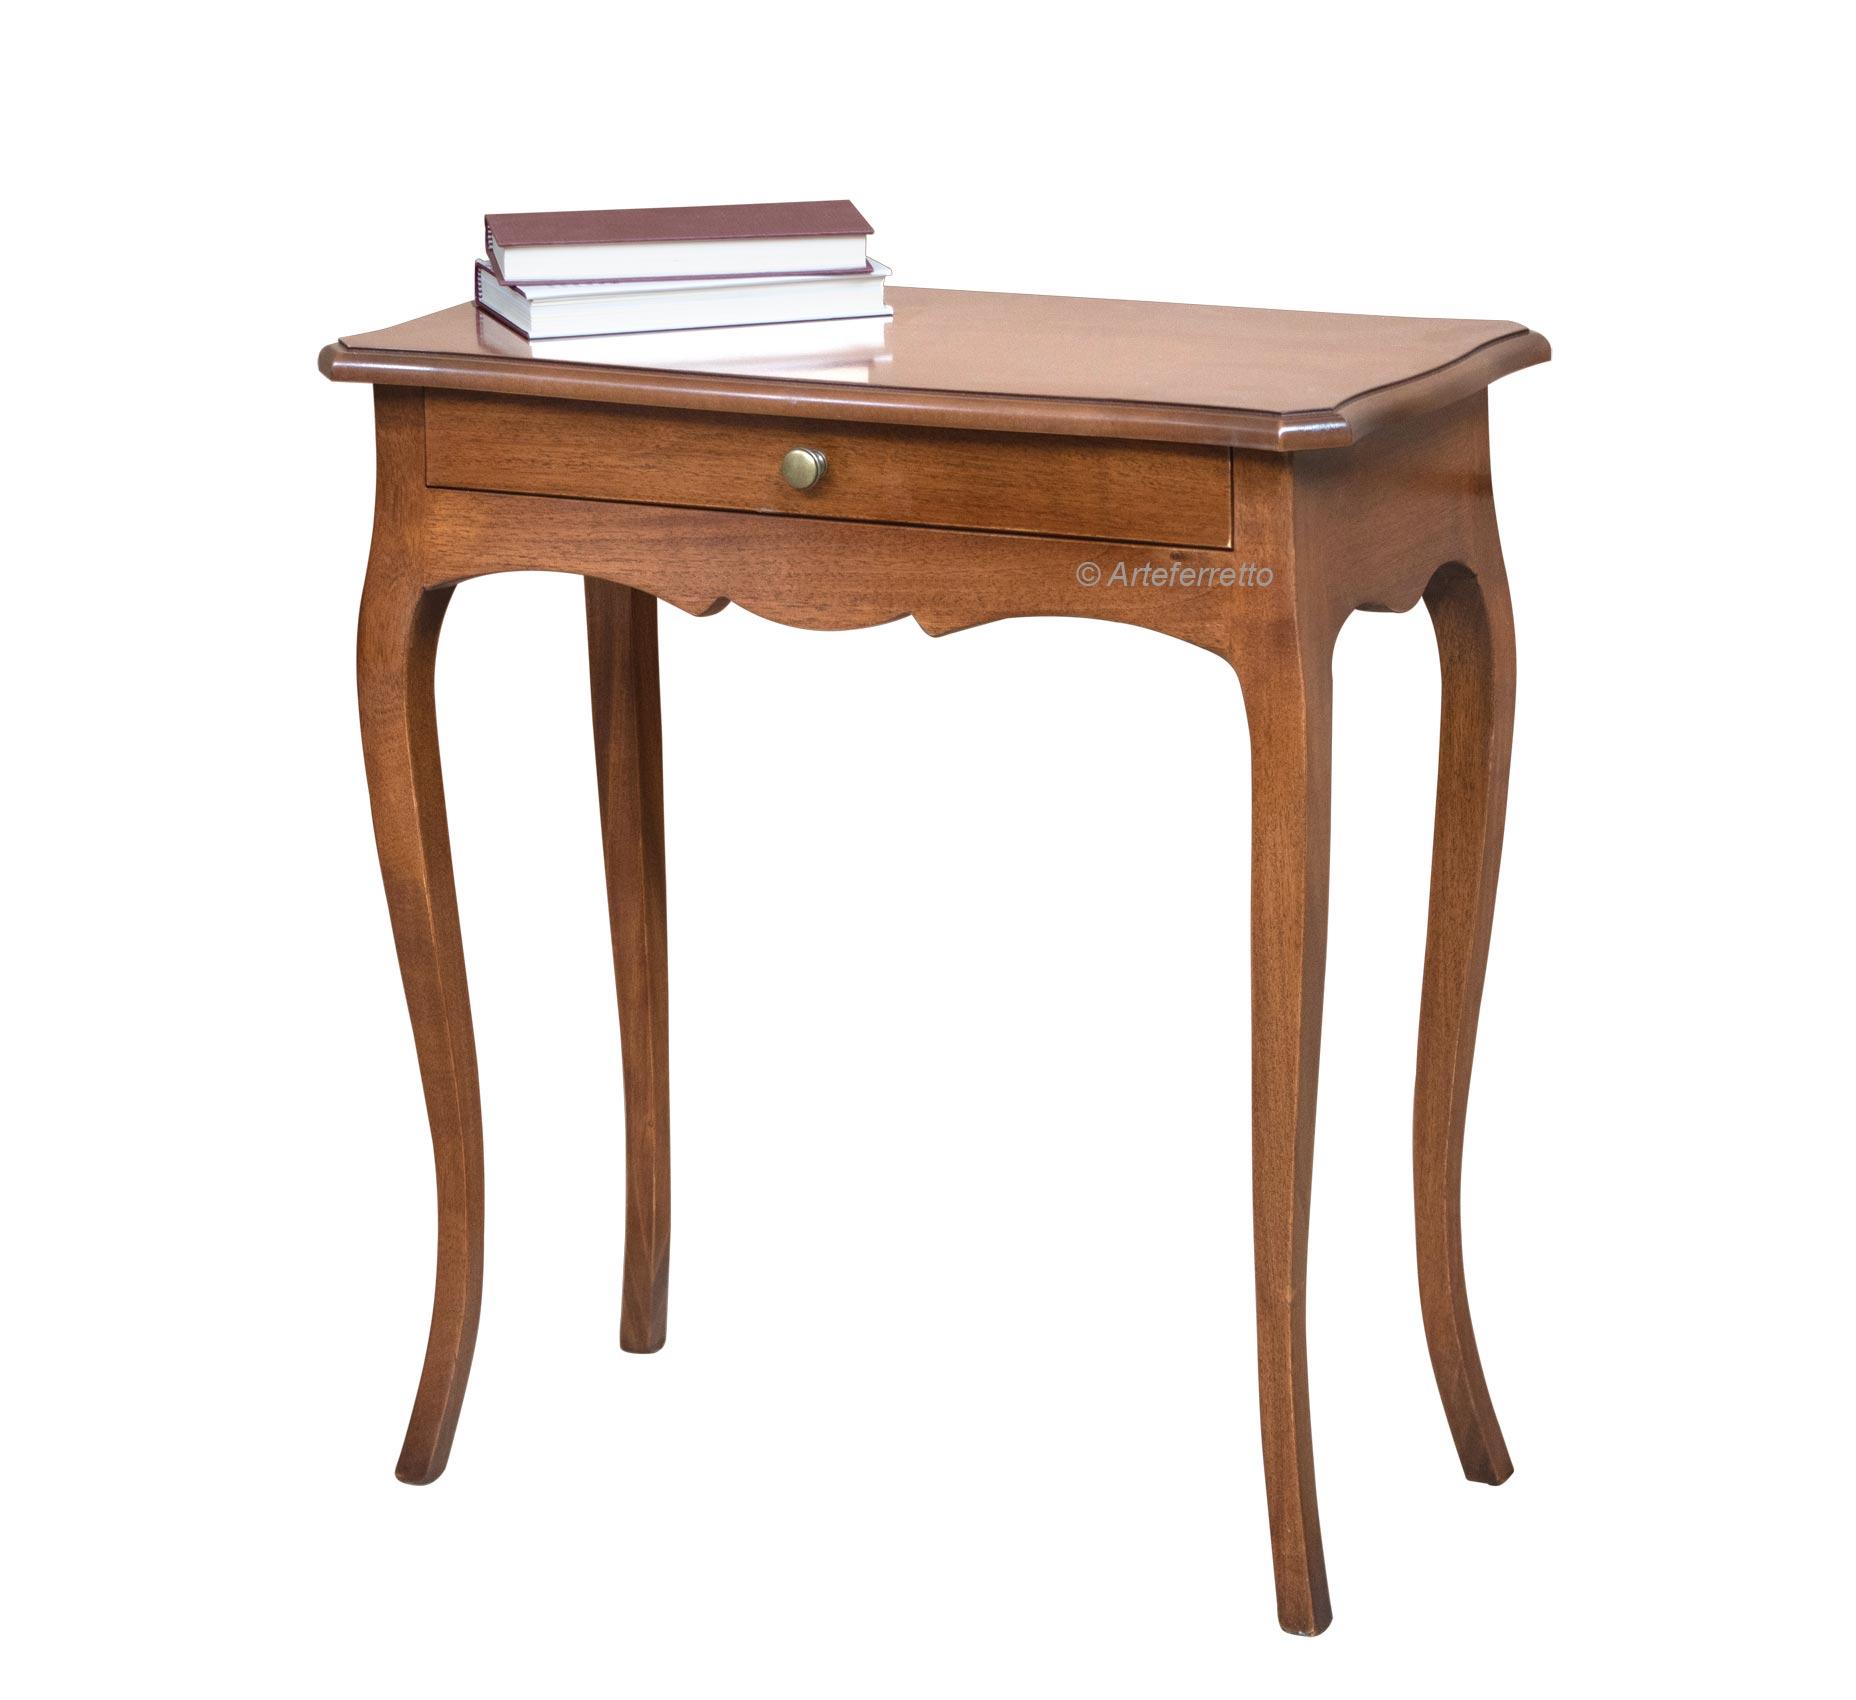 Petite table console Hello